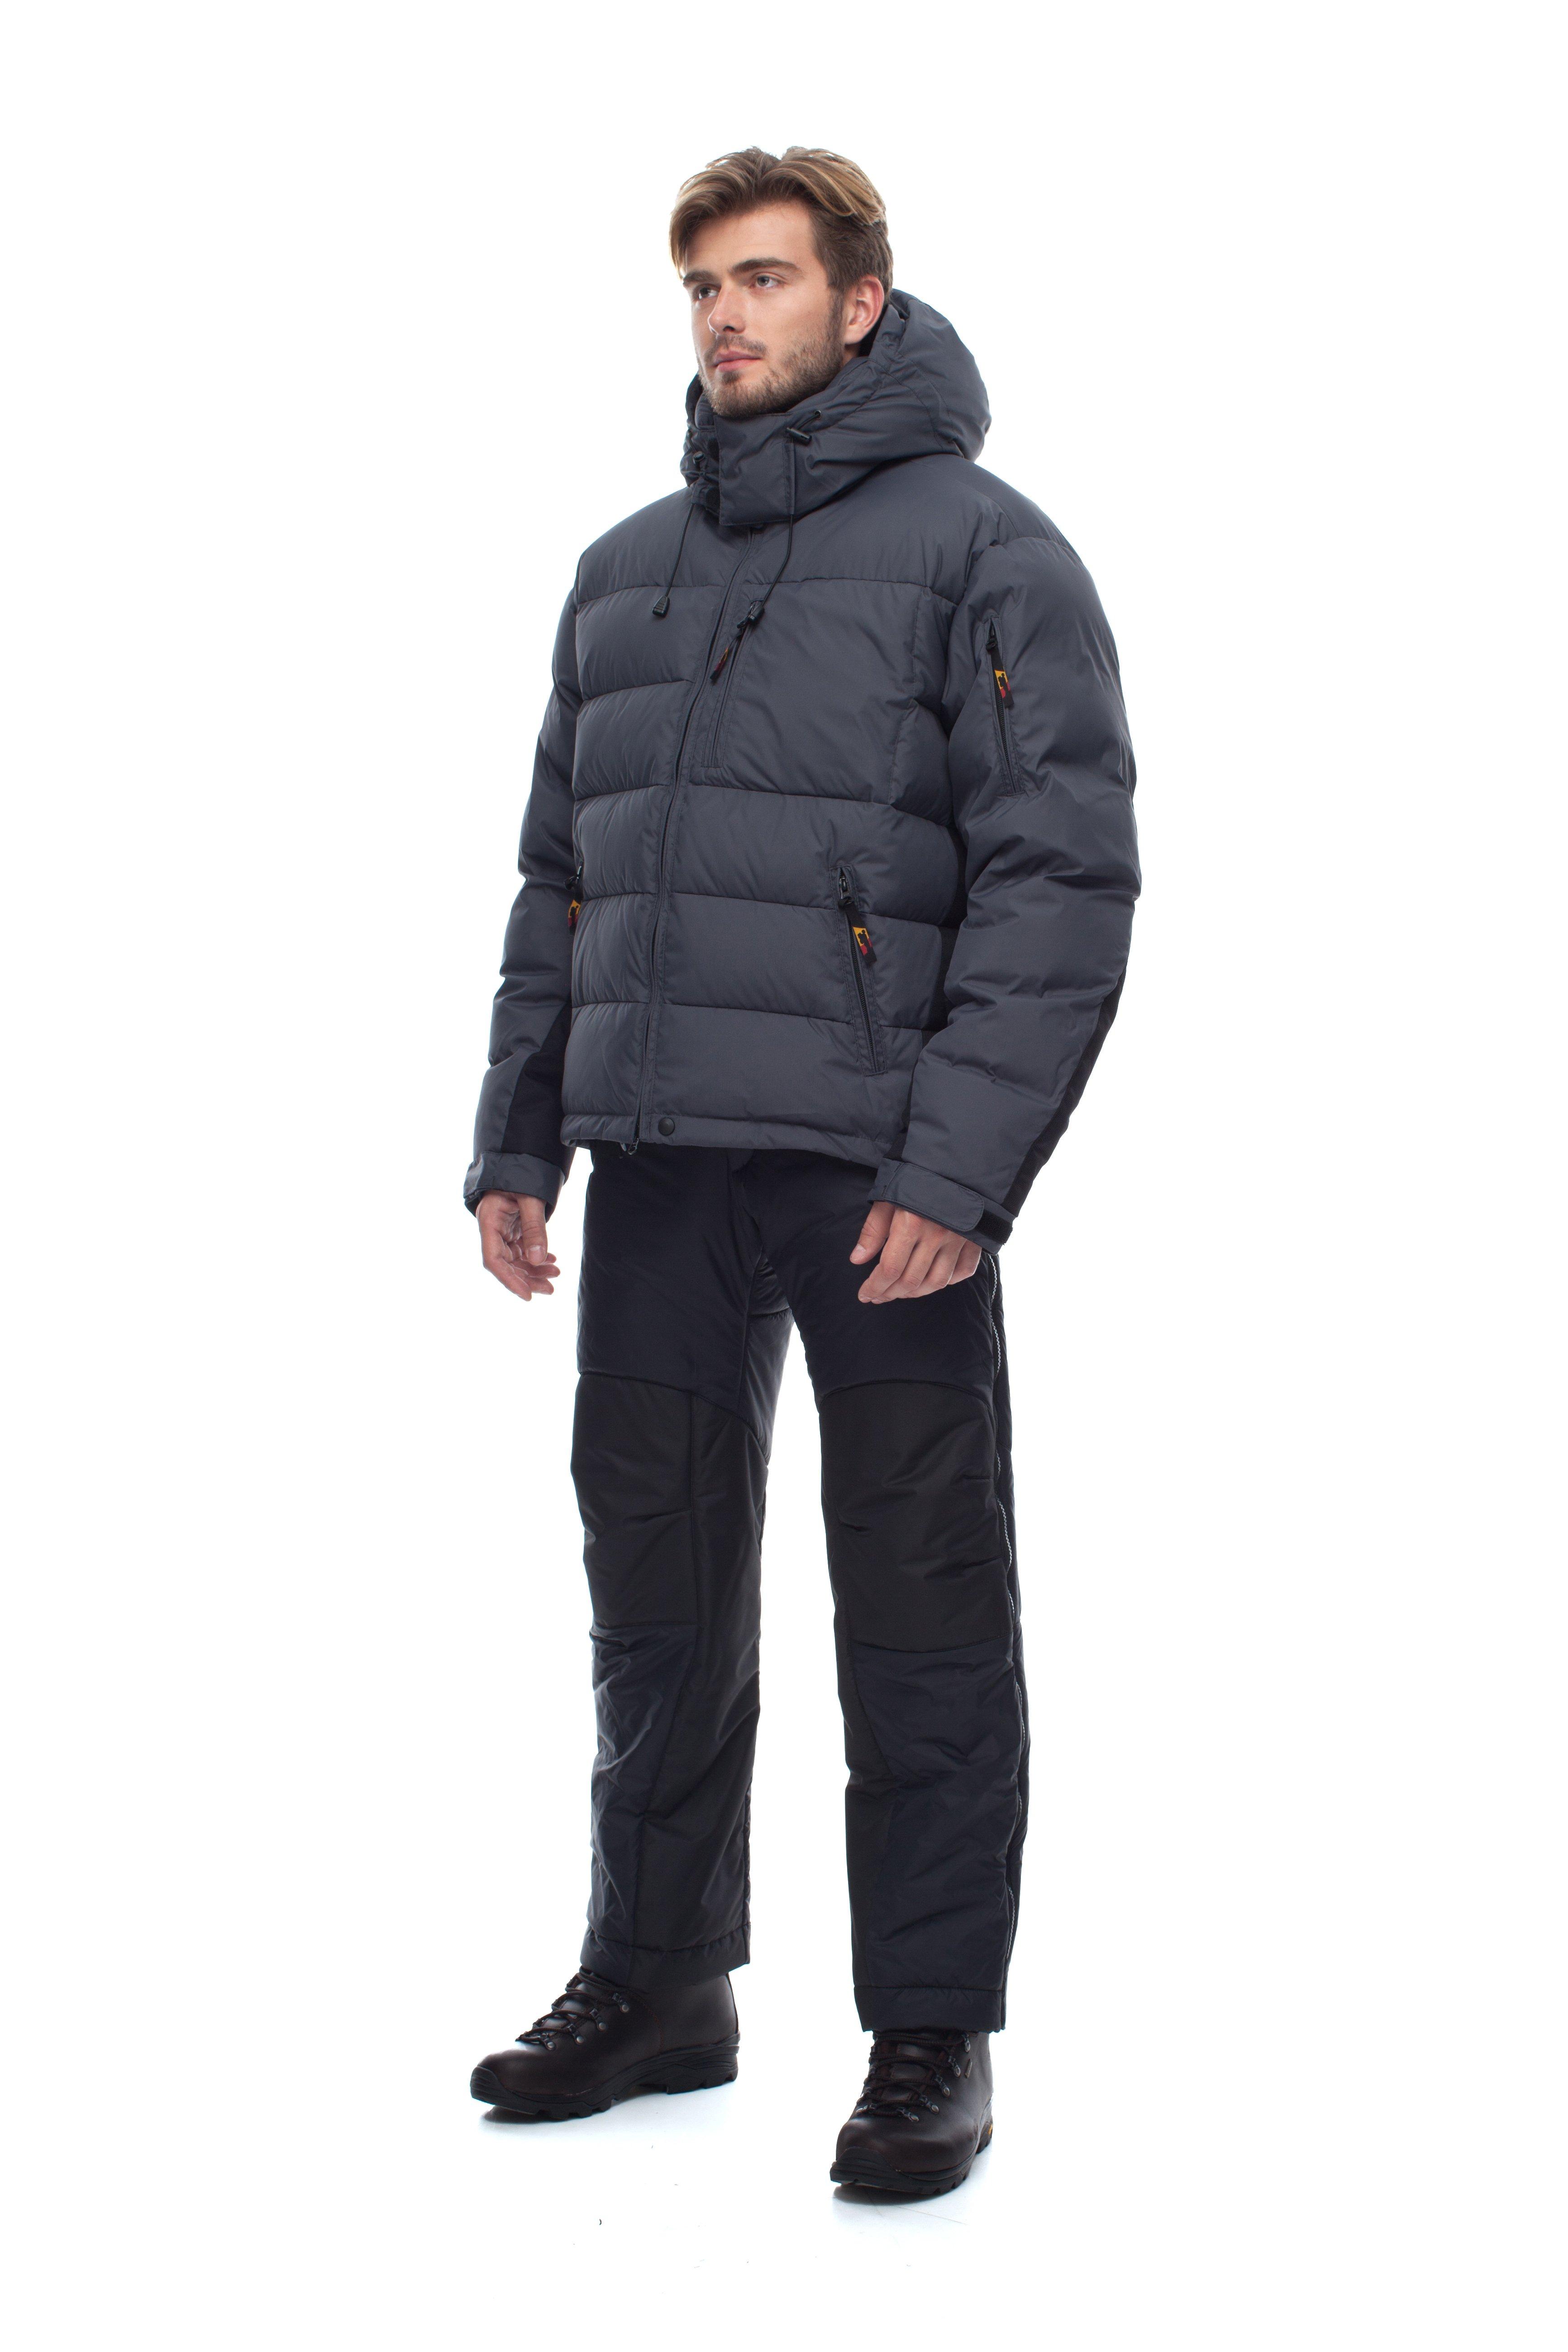 Пуховая куртка BASK SHICK V3 1907BКуртки<br><br><br>Верхняя ткань: Polyester Hipol<br>Вес граммы: 1600<br>Вес утеплителя: 375<br>Ветро-влагозащитные свойства верхней ткани: Да<br>Ветрозащитная планка: Да<br>Ветрозащитная юбка: Нет<br>Влагозащитные молнии: Нет<br>Внутренние манжеты: Нет<br>Внутренняя ткань: Resist-DT®<br>Водонепроницаемость: 1000<br>Дублирующий центральную молнию клапан: Нет<br>Защитный козырёк капюшона: Нет<br>Капюшон: Съемный<br>Карман для средств связи: Нет<br>Количество внешних карманов: 4<br>Количество внутренних карманов: 2<br>Коллекция: OUTDOOR SPIRIT ADVENTURE TEAM<br>Объемный крой локтевой зоны: Да<br>Отстёгивающиеся рукава: Нет<br>Показатель Fill Power (для пуховых изделий): 650<br>Пол: Мужской<br>Проклейка швов: Нет<br>Регулировка манжетов рукавов: Да<br>Регулировка низа: Да<br>Регулировка объёма капюшона: Да<br>Регулировка талии: Да<br>Регулируемые вентиляционные отверстия: Да<br>Световозвращающая лента: Нет<br>Температурный режим: -20<br>Технология Thermal Welding: Нет<br>Технология швов: Закрытые<br>Тип молнии: Двухзамковая<br>Тип утеплителя: Натуральный<br>Ткань усиления: Cats-eye PU<br>Усиление контактных зон: Да<br>Утеплитель: Гусиный пух<br>Размер RU: 44<br>Цвет: СЕРЫЙ